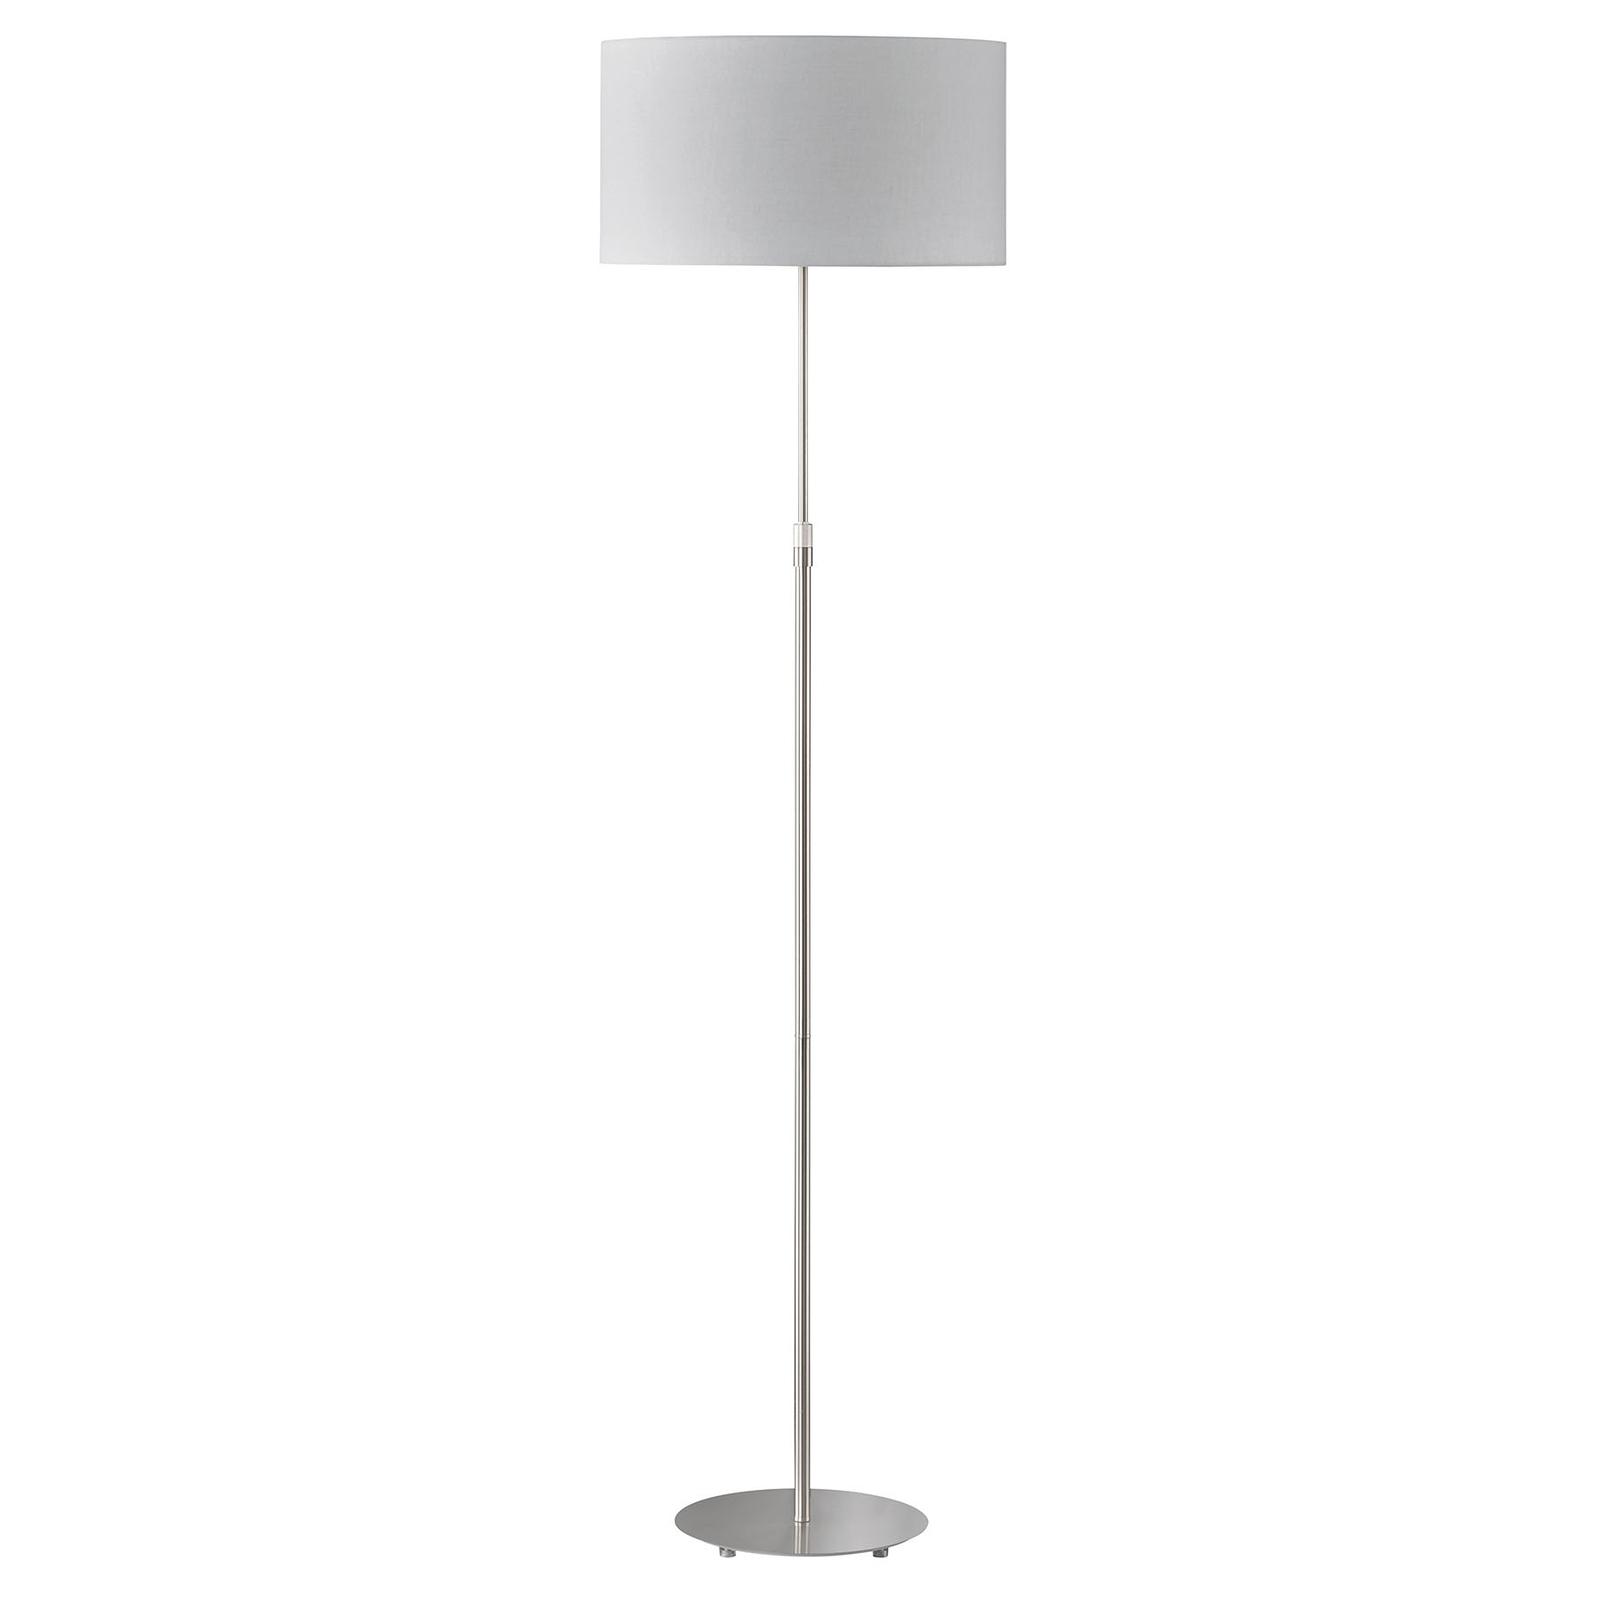 Schöner Wohnen Pina gulvlampe, lysegrå